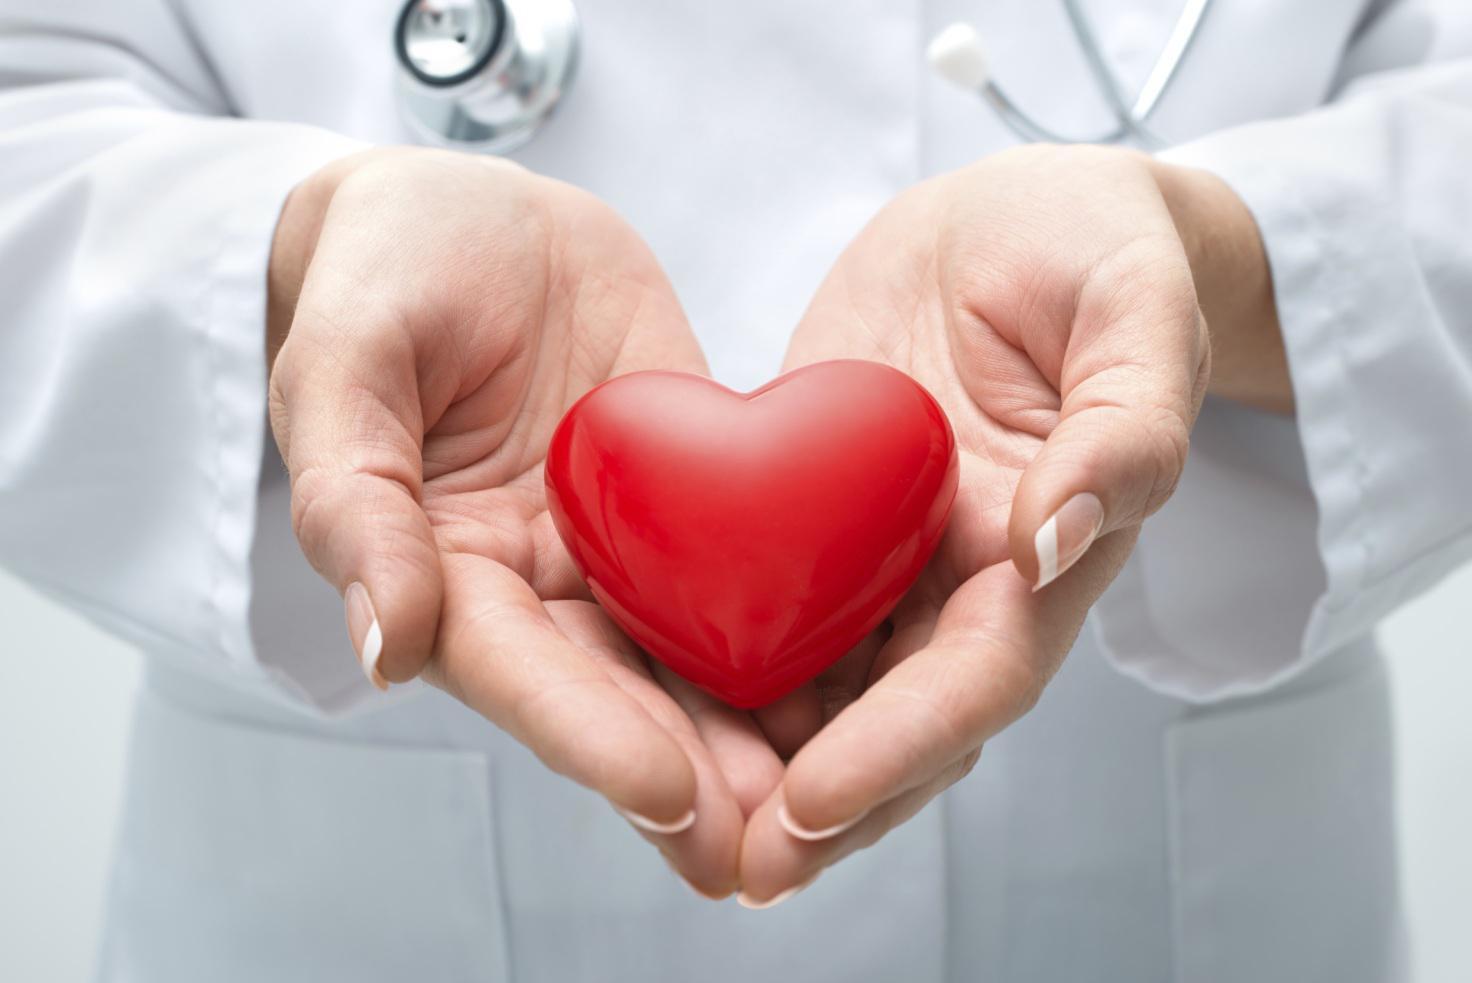 Visita Cardiologica + Elettrocardiogramma (ECG) [89.7 + 89.52] Specialistica